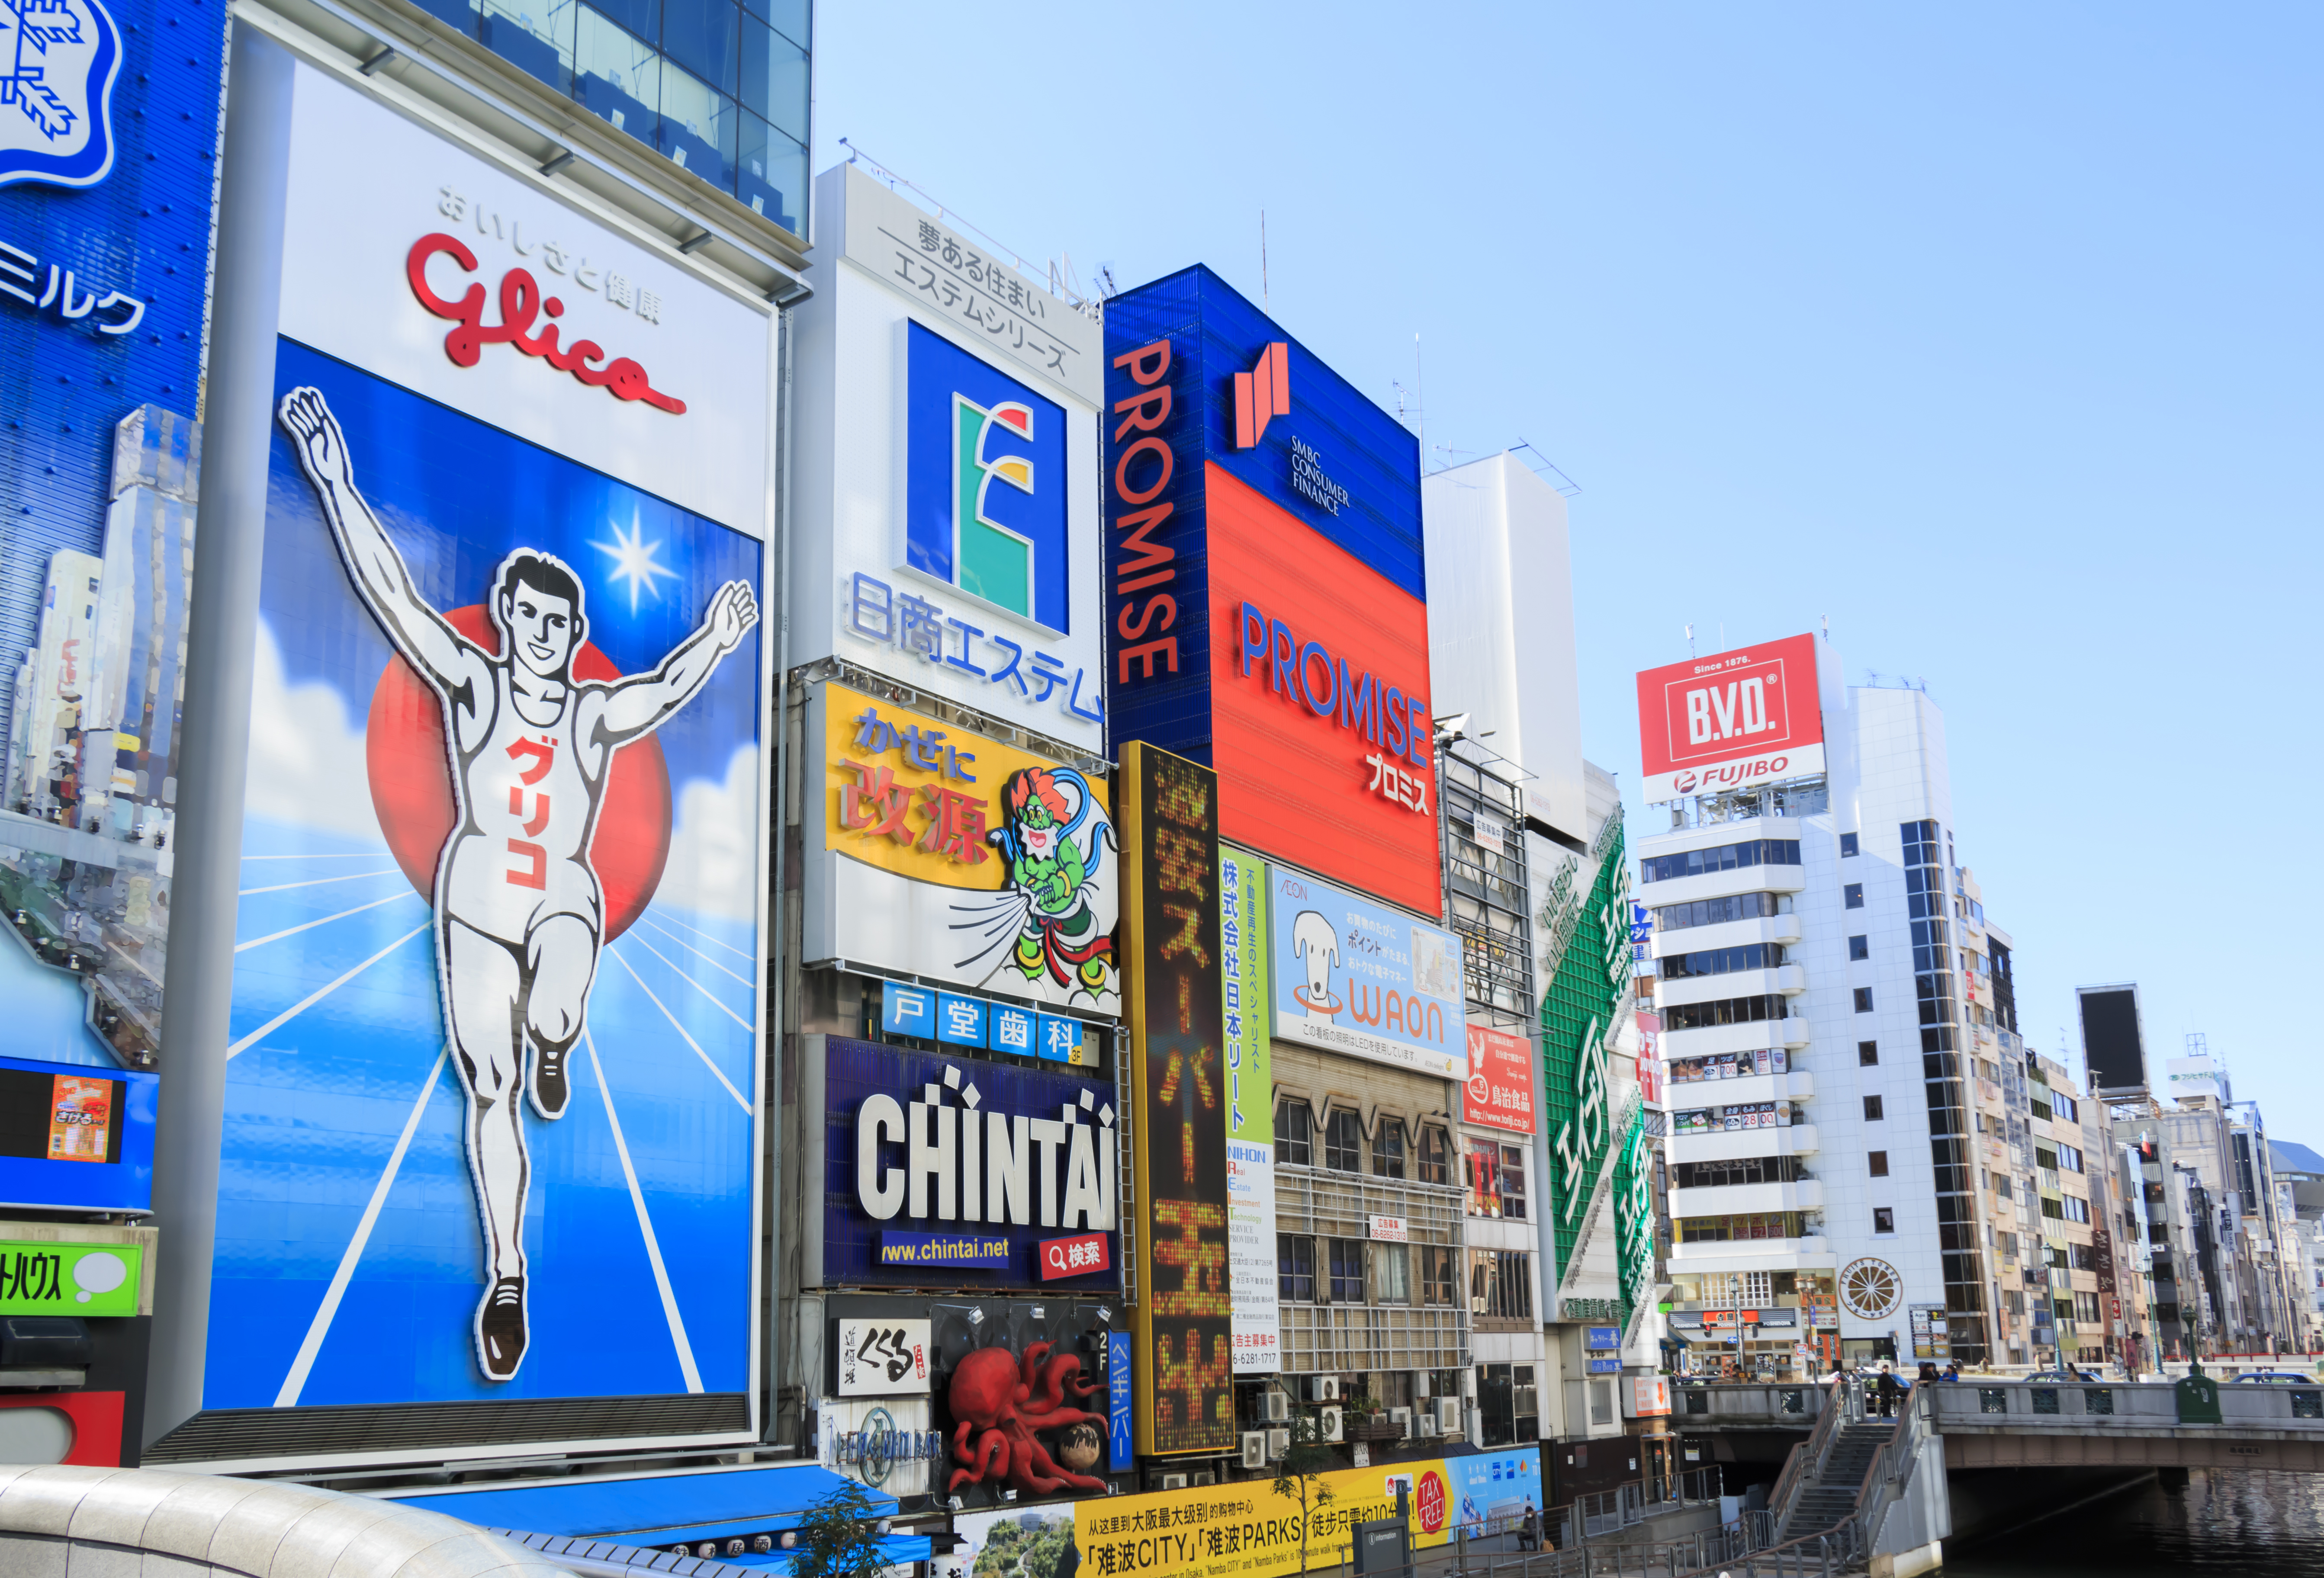 梅田・なんば・心斎橋☆人気エリアで習い事探しませんか?